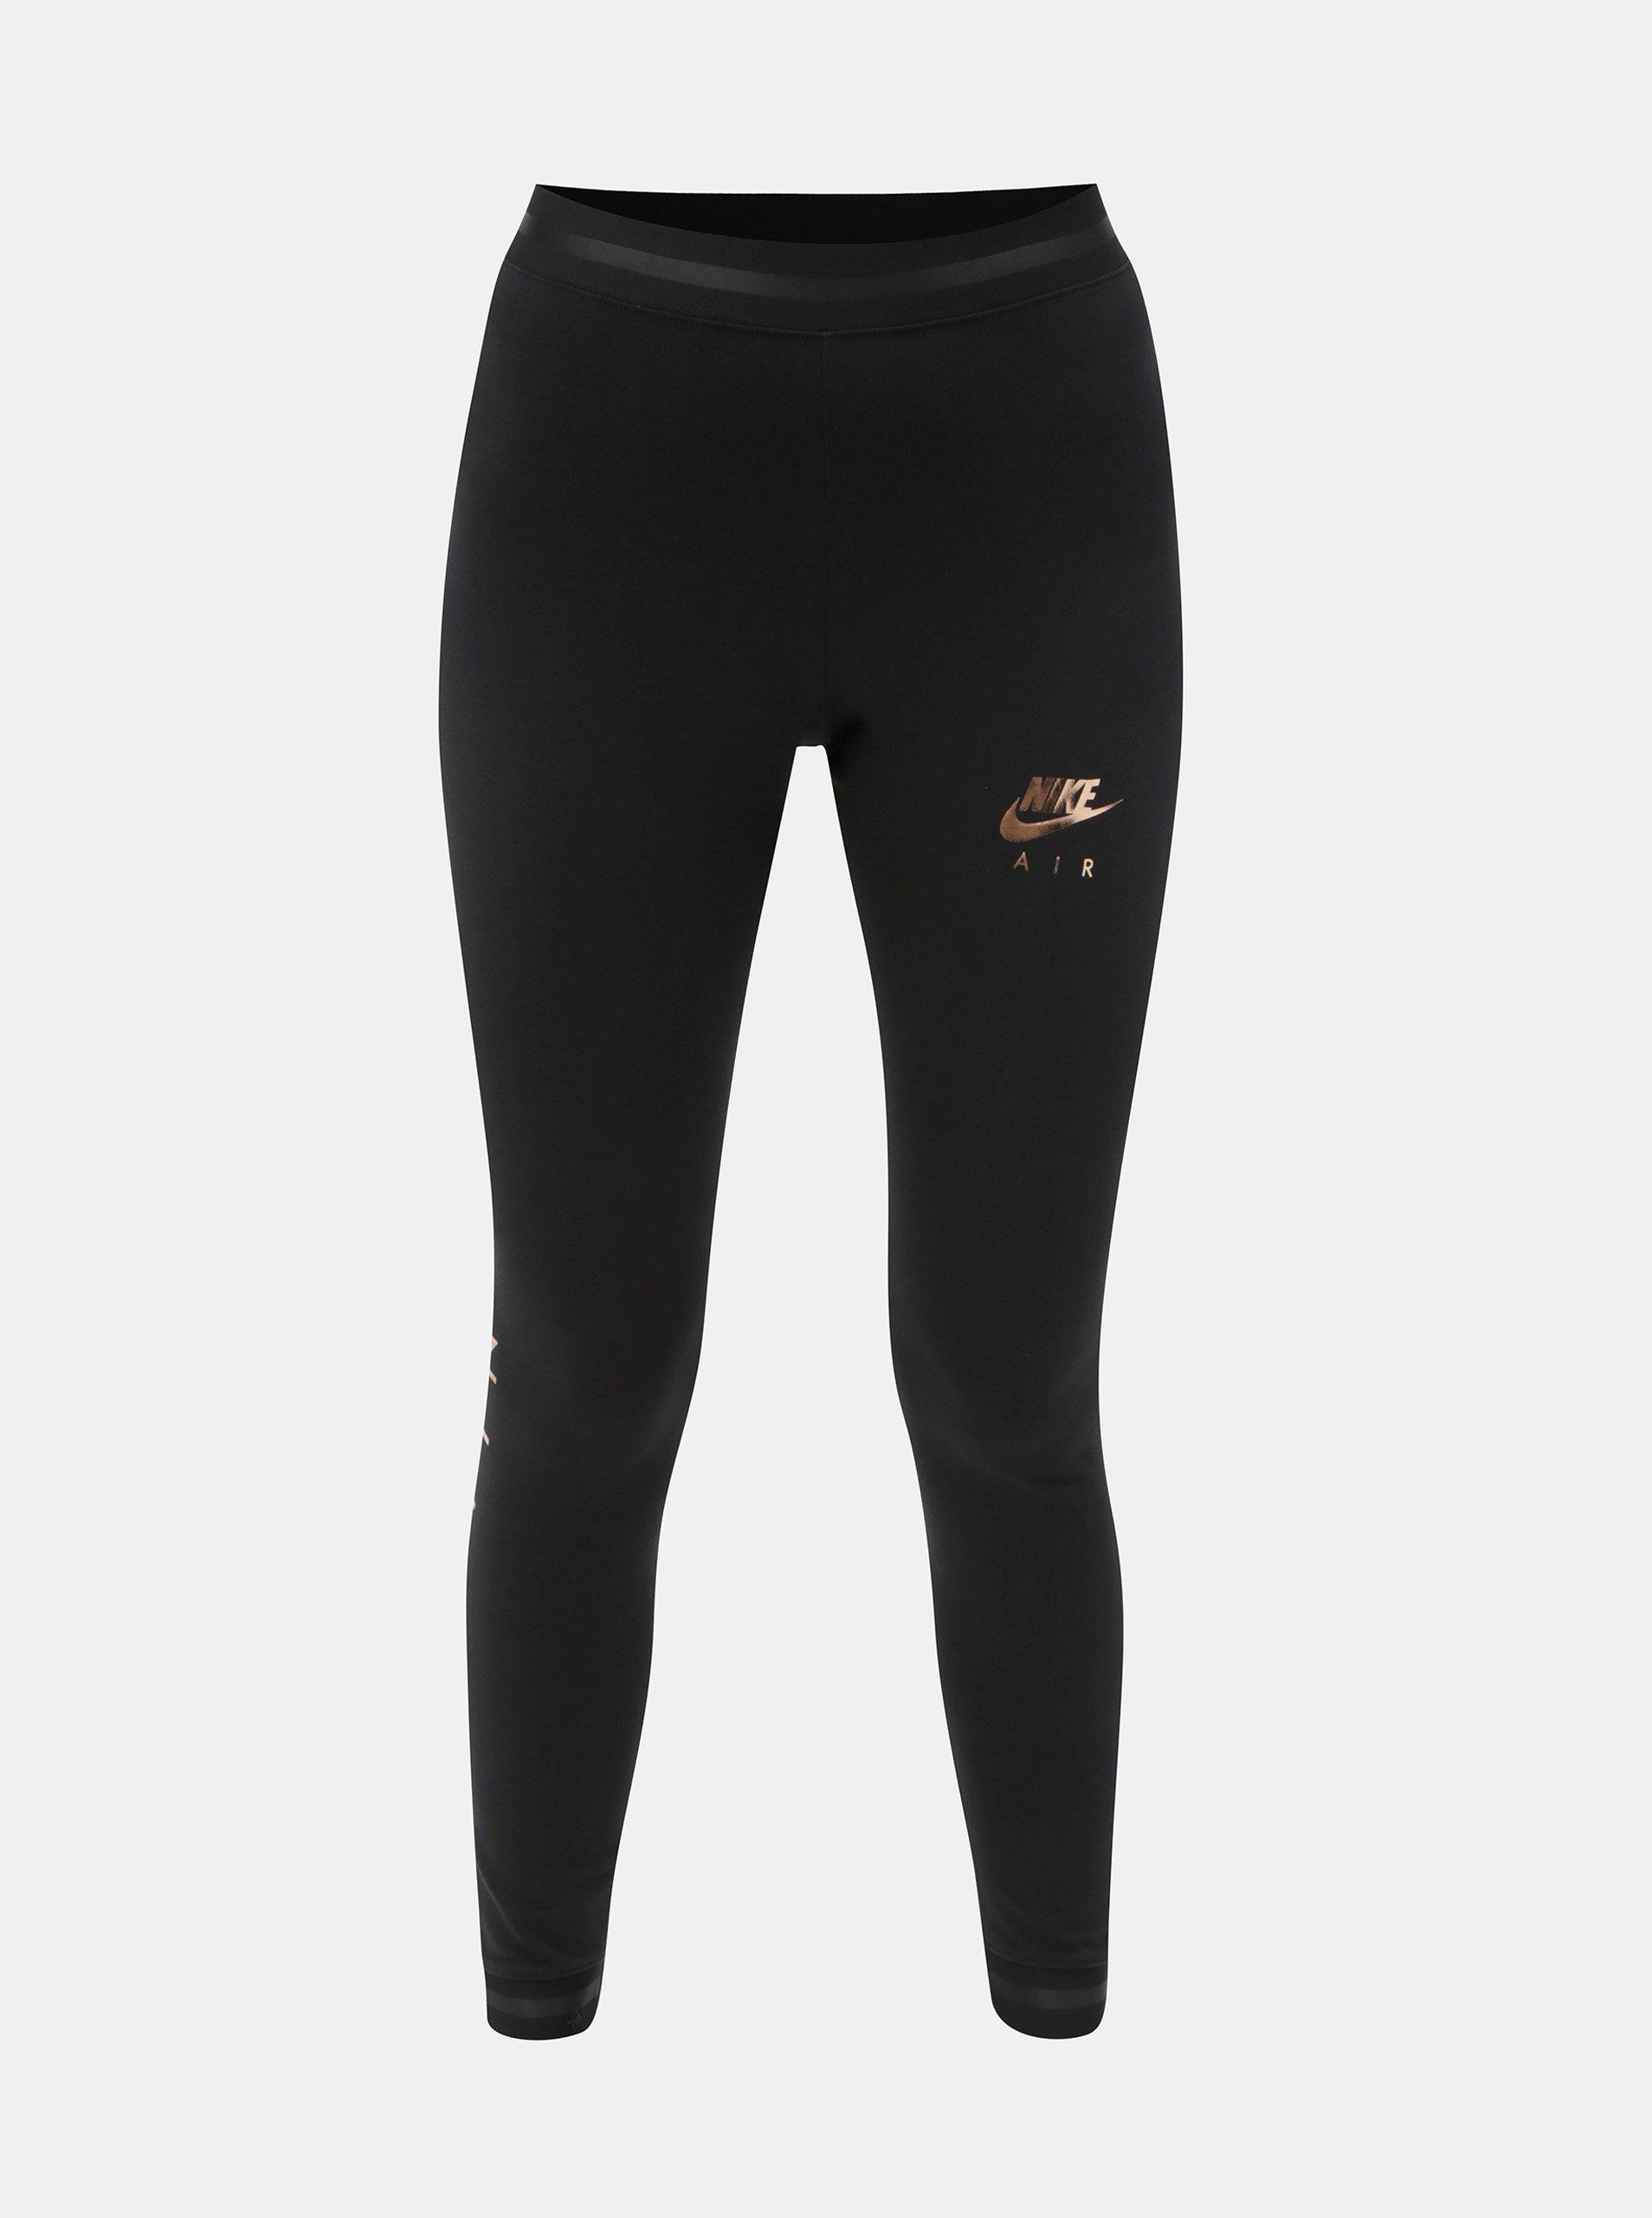 Černé dámské legíny s potiskem Nike Air